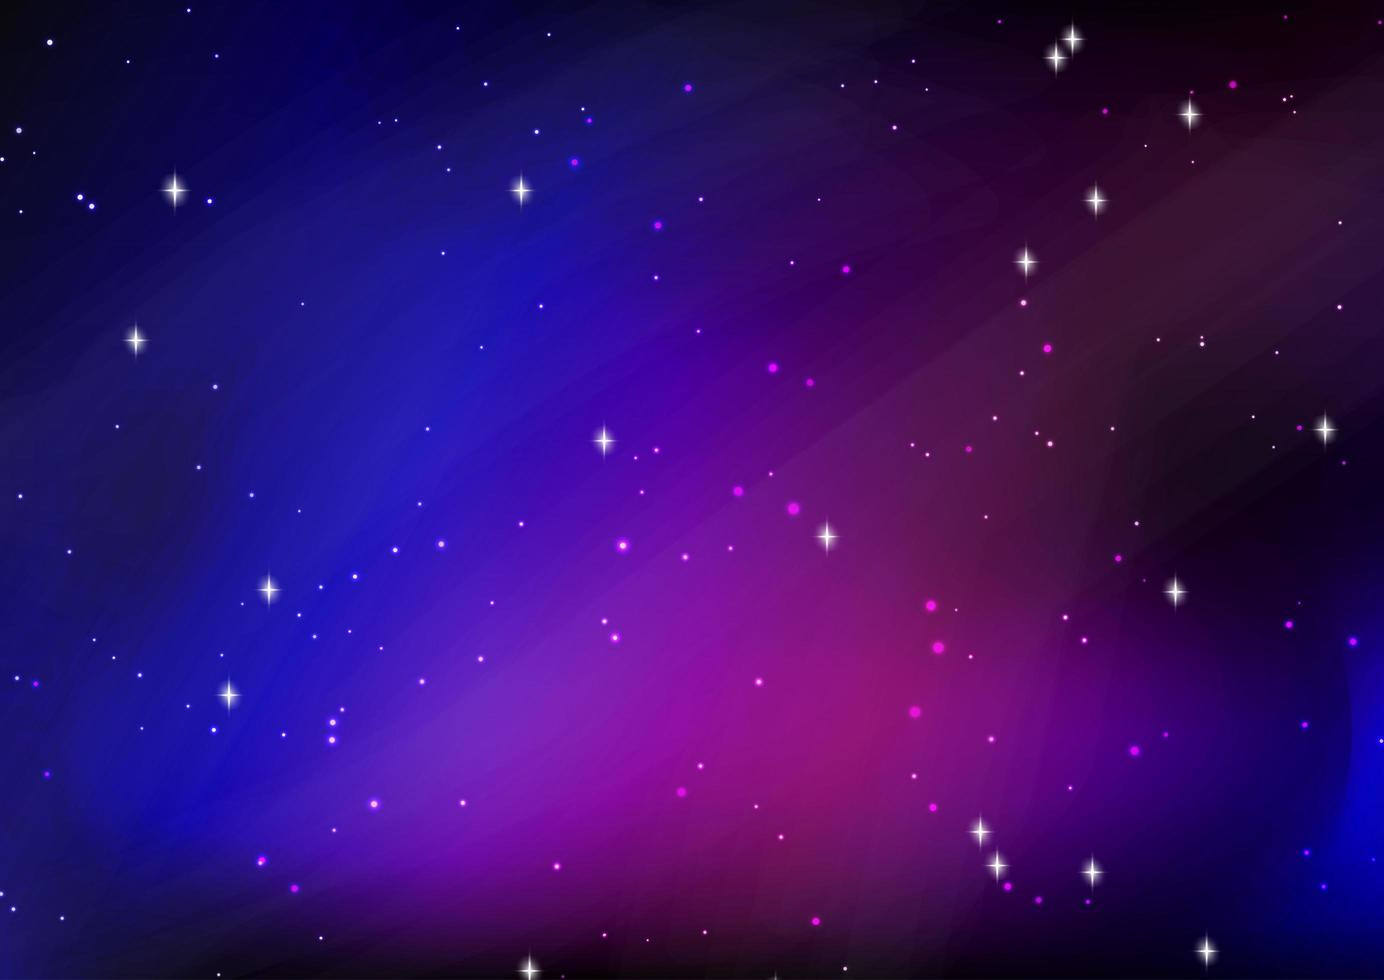 abstraktes Sternenhimmel Design vektor